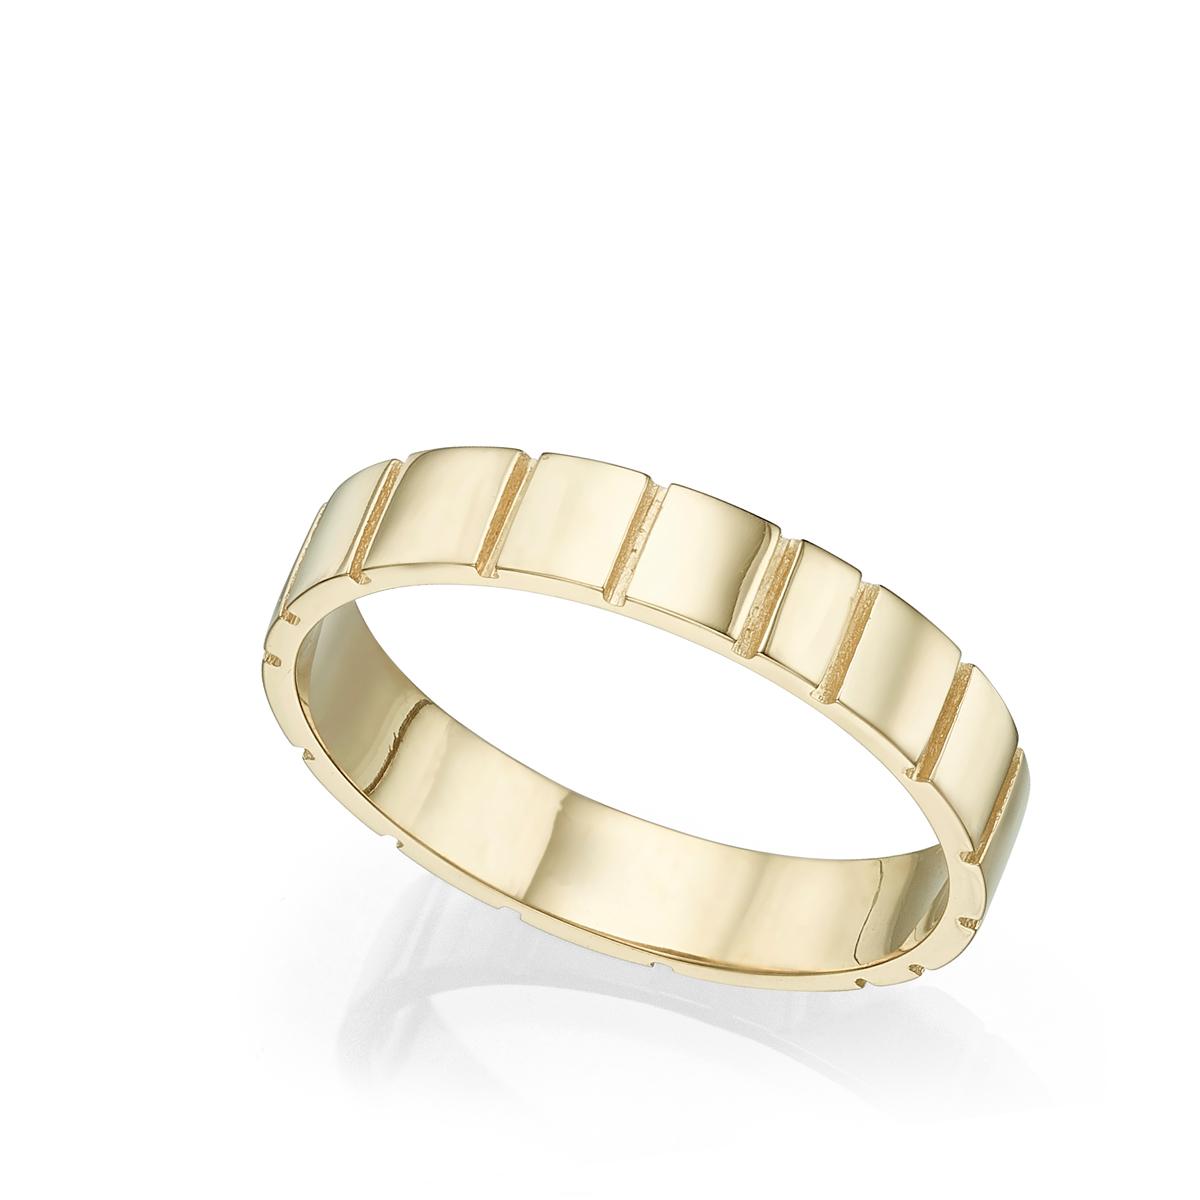 טבעת נישואין מיוחדת עם חריצים